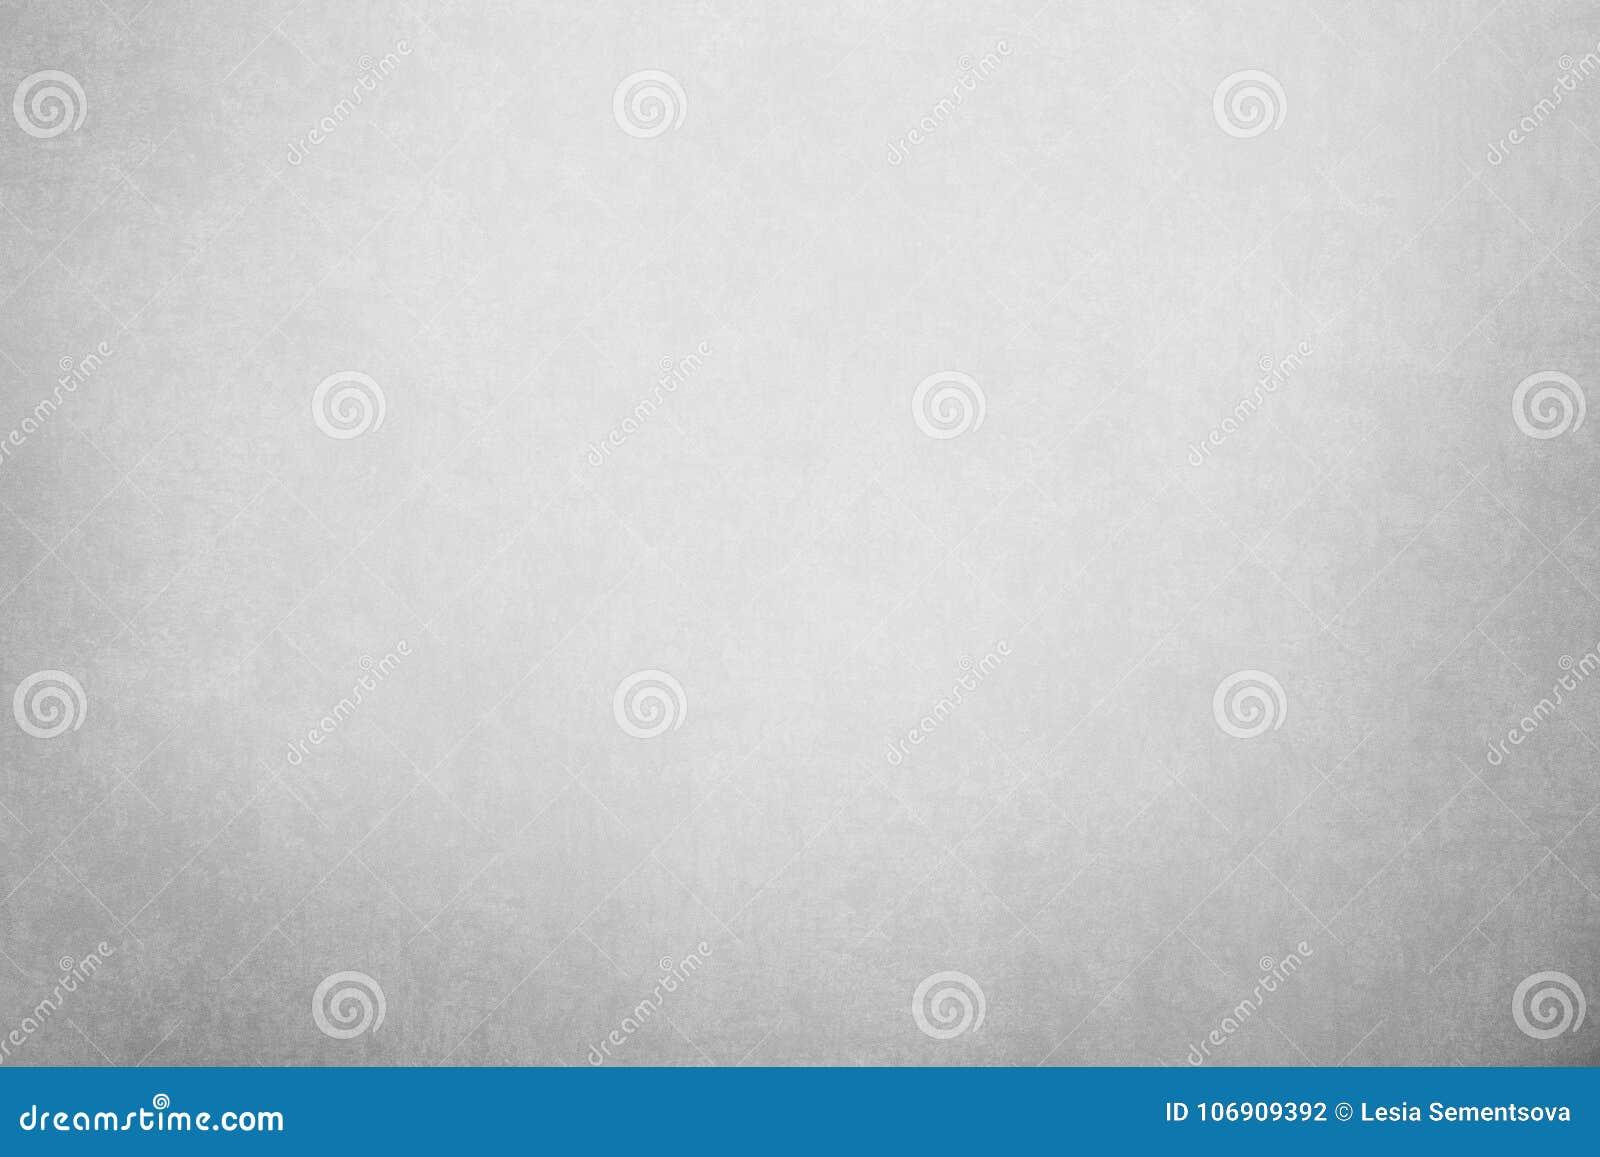 Grå lutningabstrakt begreppbakgrund Kopiera utrymme för din befordrings- text eller annonsering Tom grå vägg tomt område skugga v